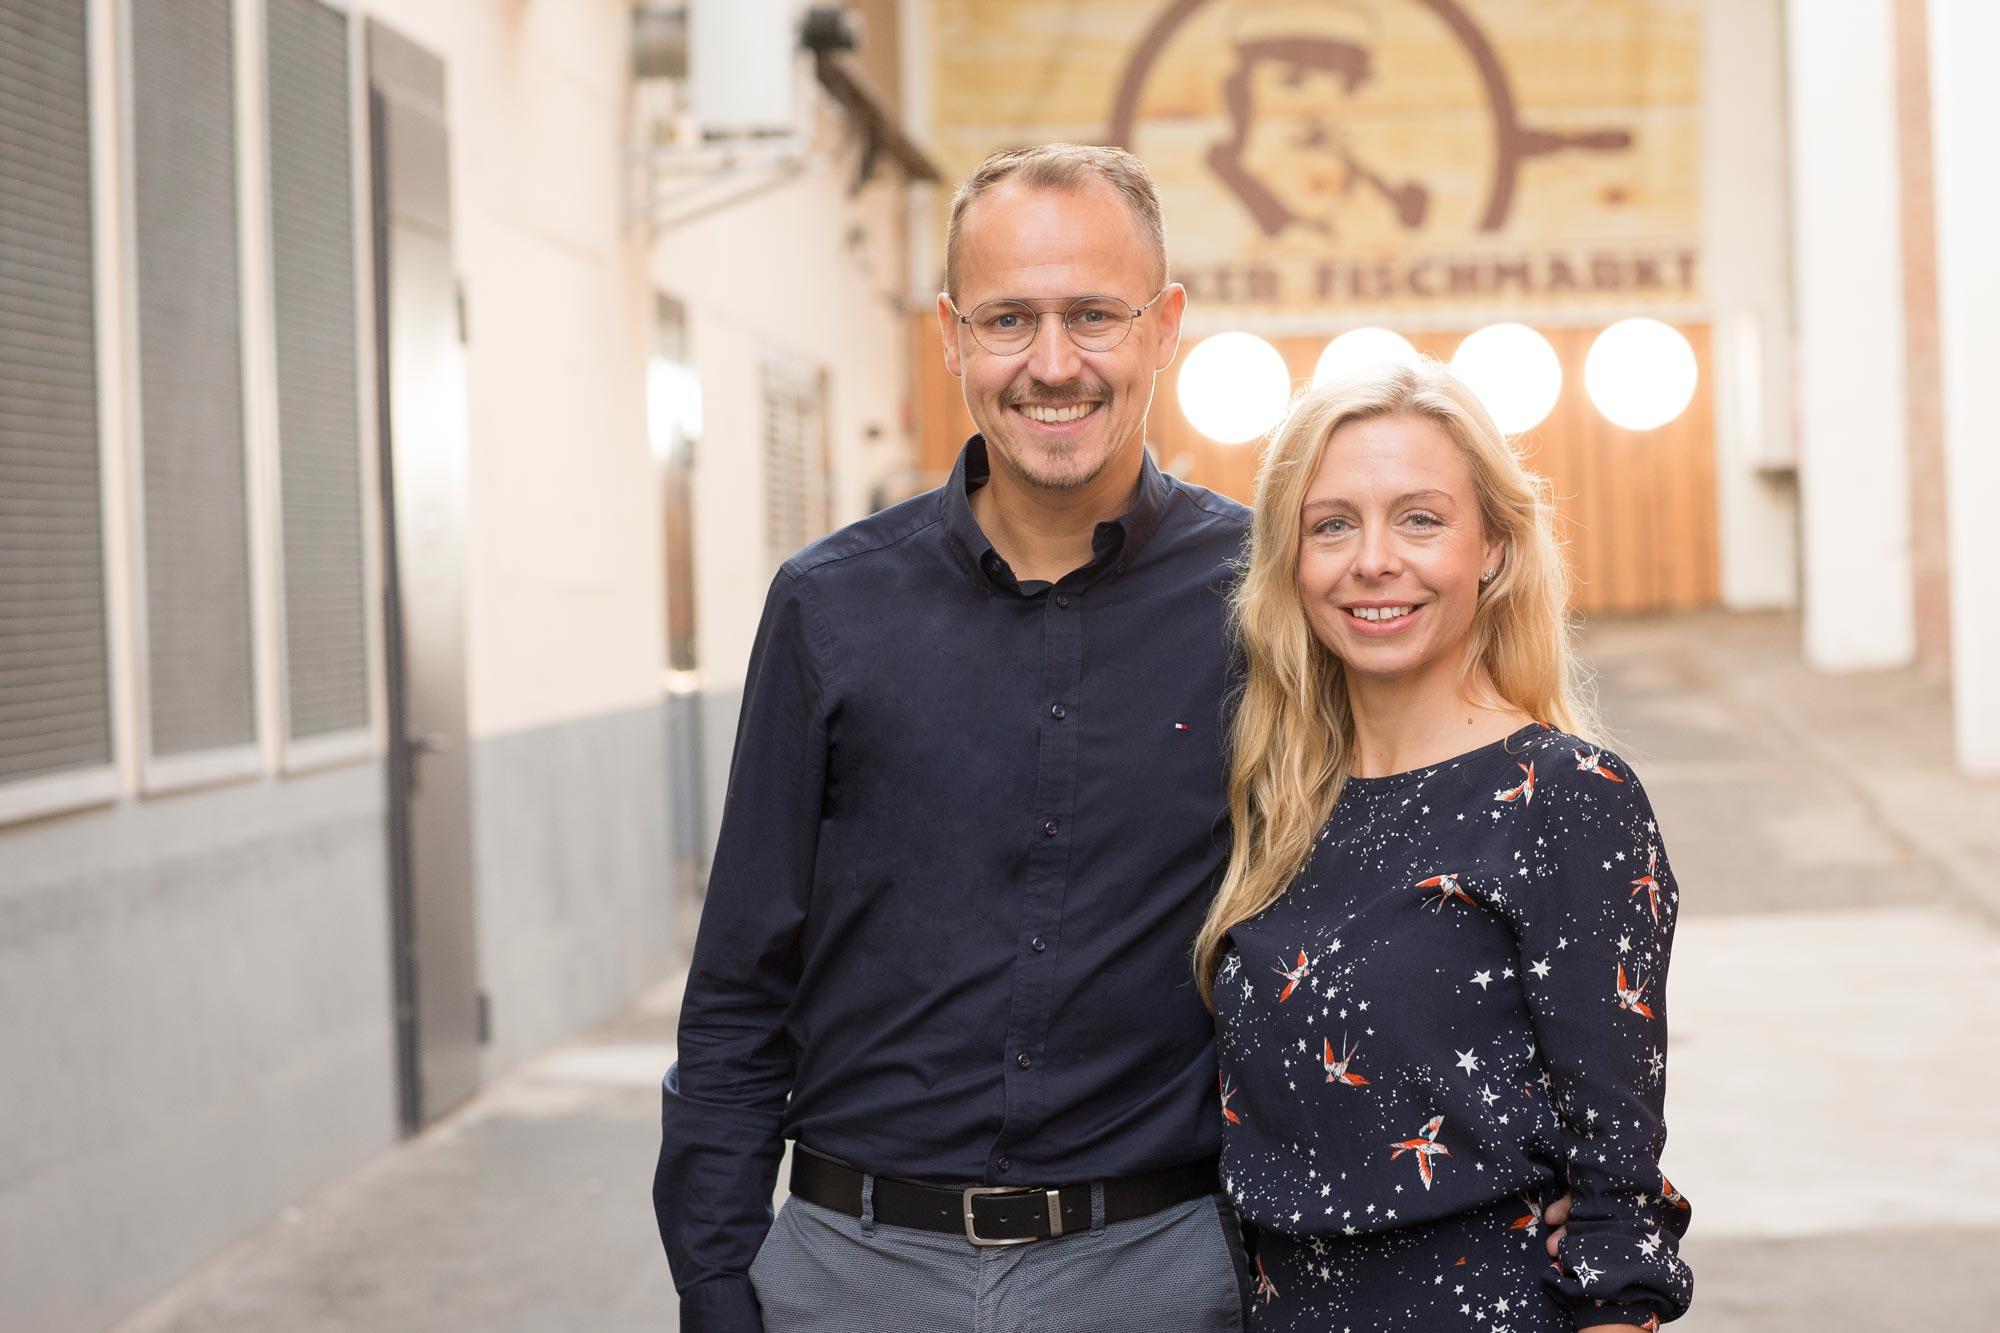 Die Inhaber von Optik Sagawe in Rostock - Ehepaar Katrin und Matthias Sagawe